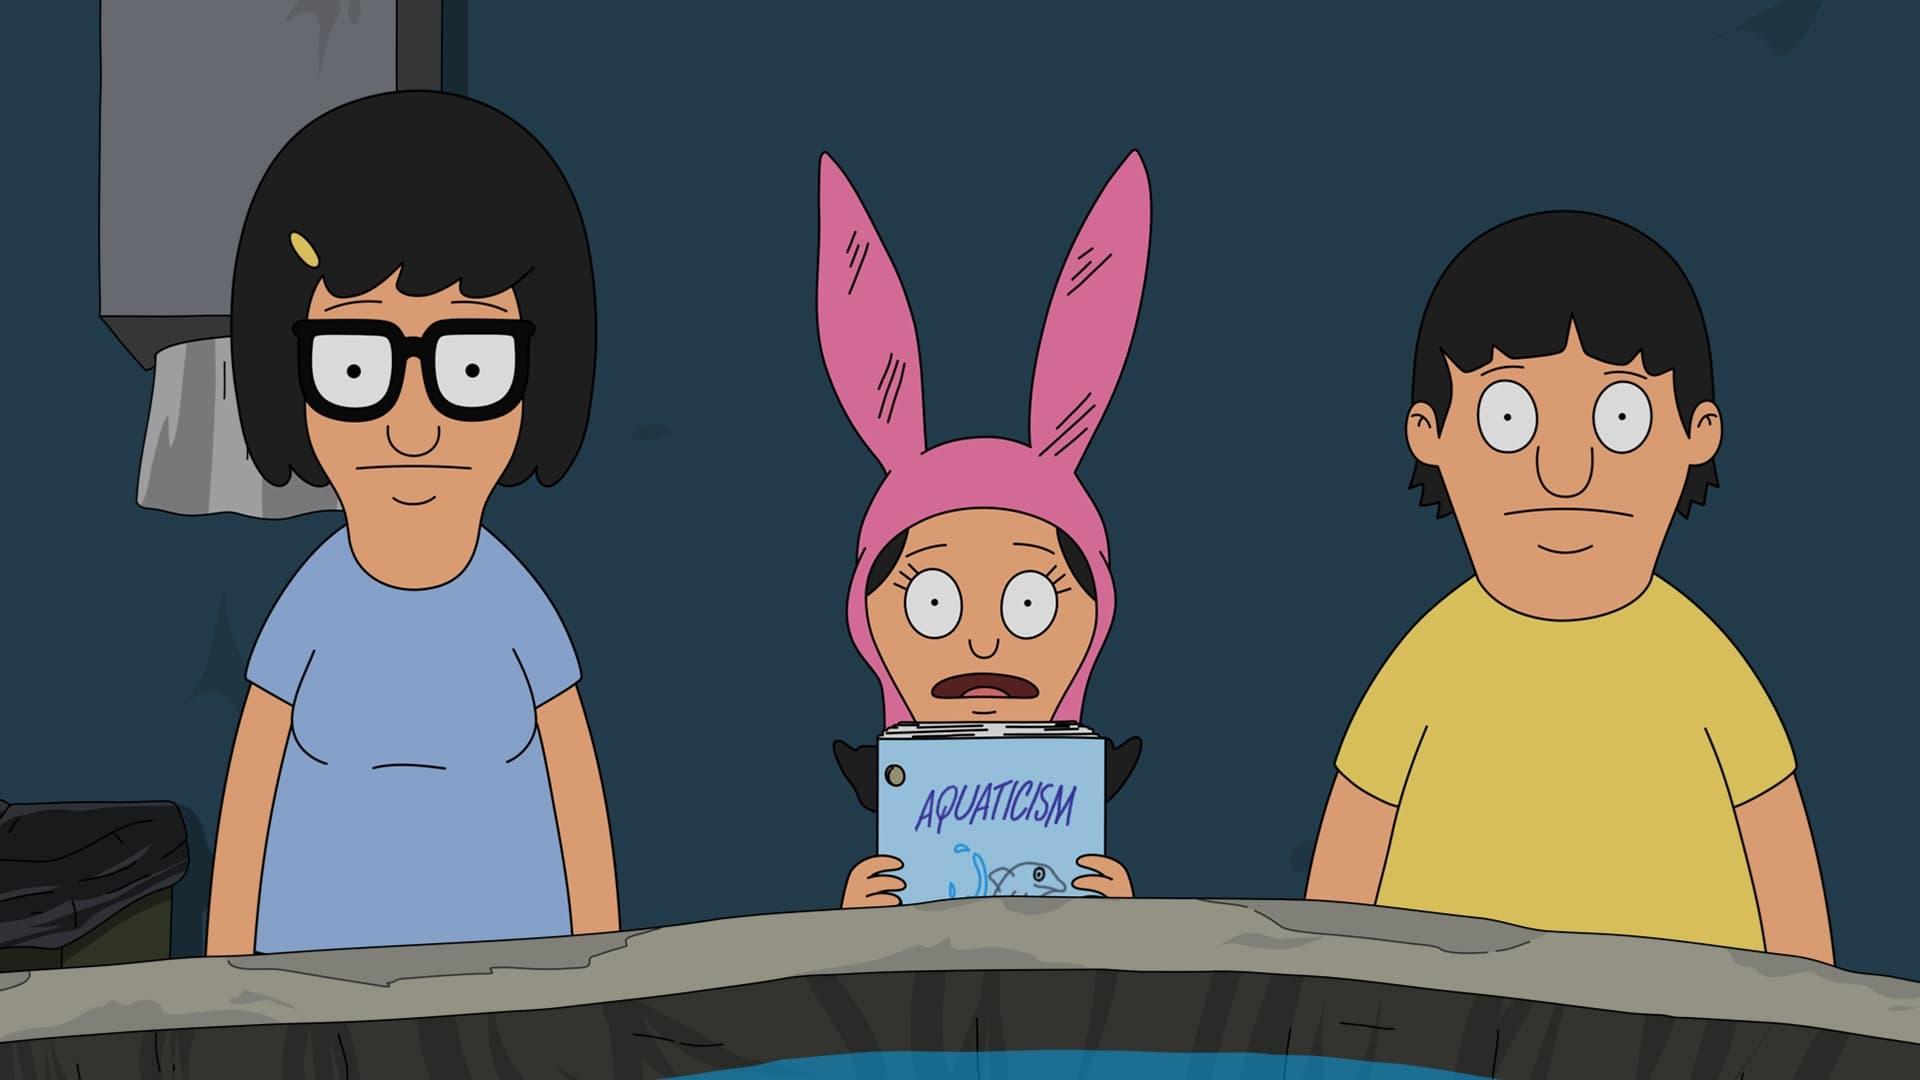 Bob's Burgers - Season 7 Episode 14 : Aquaticism